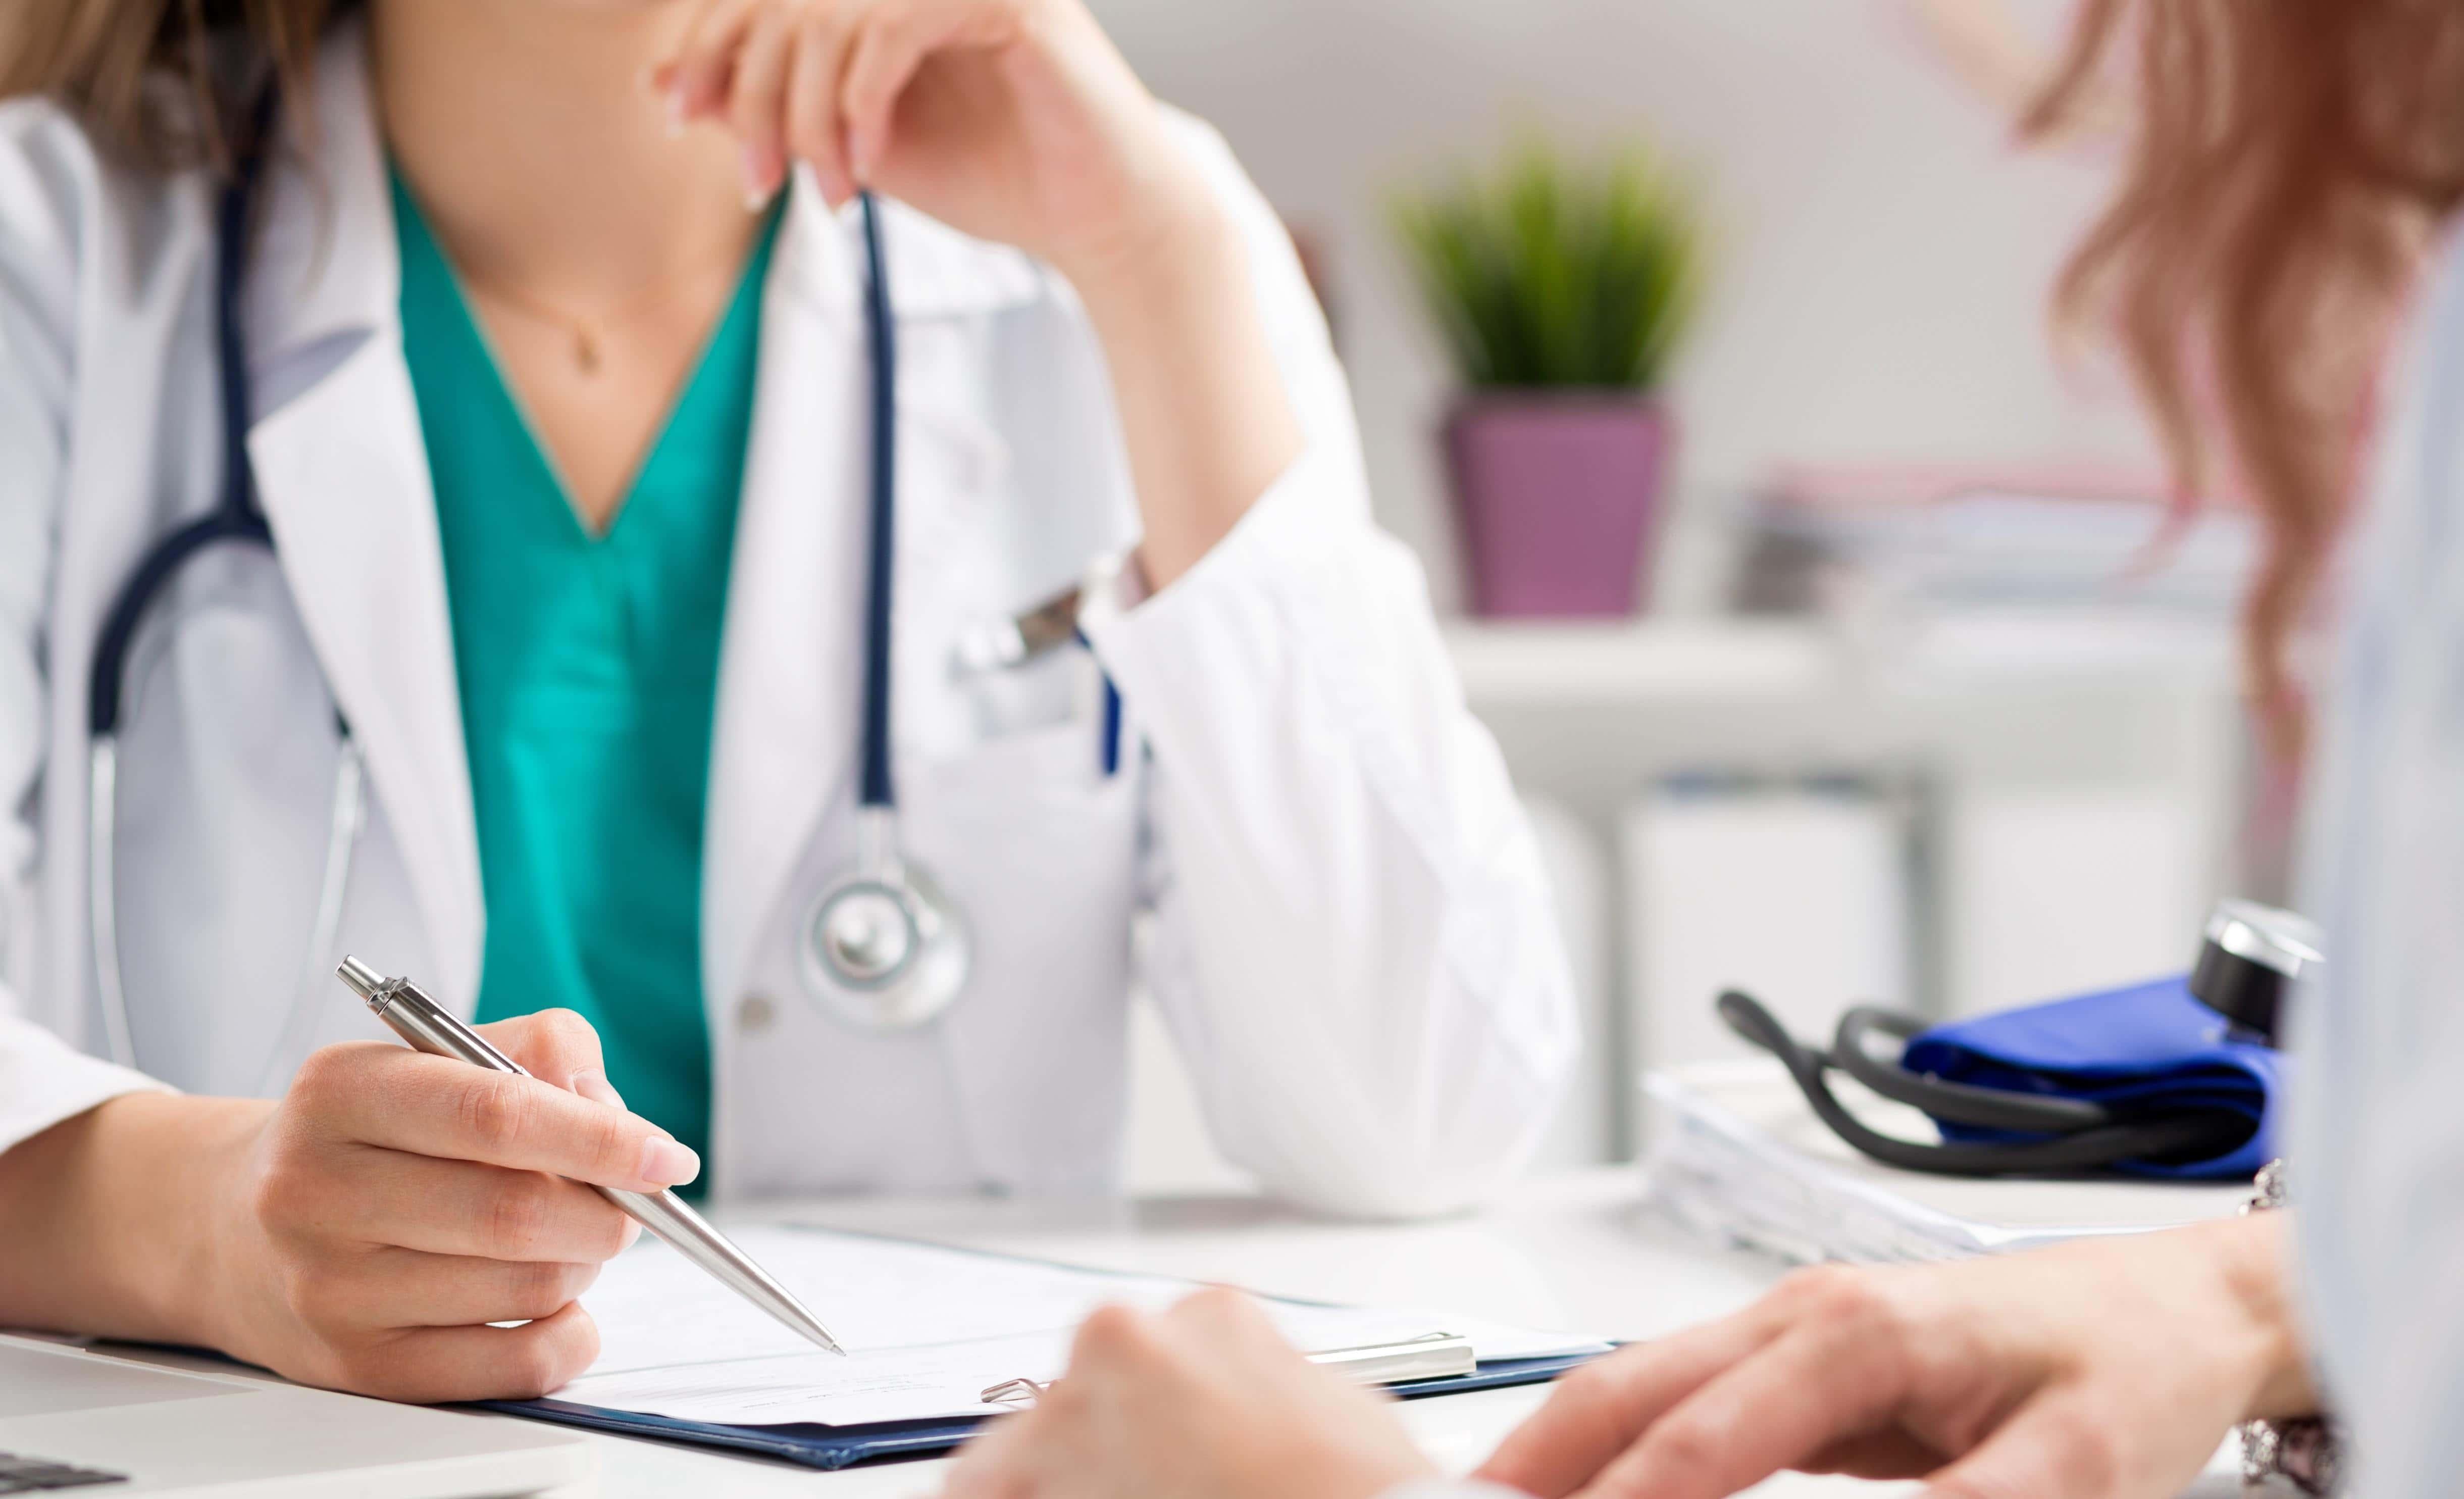 Забайкальский Минздрав призвал врачей ограничить направления пациентов в частные клиники